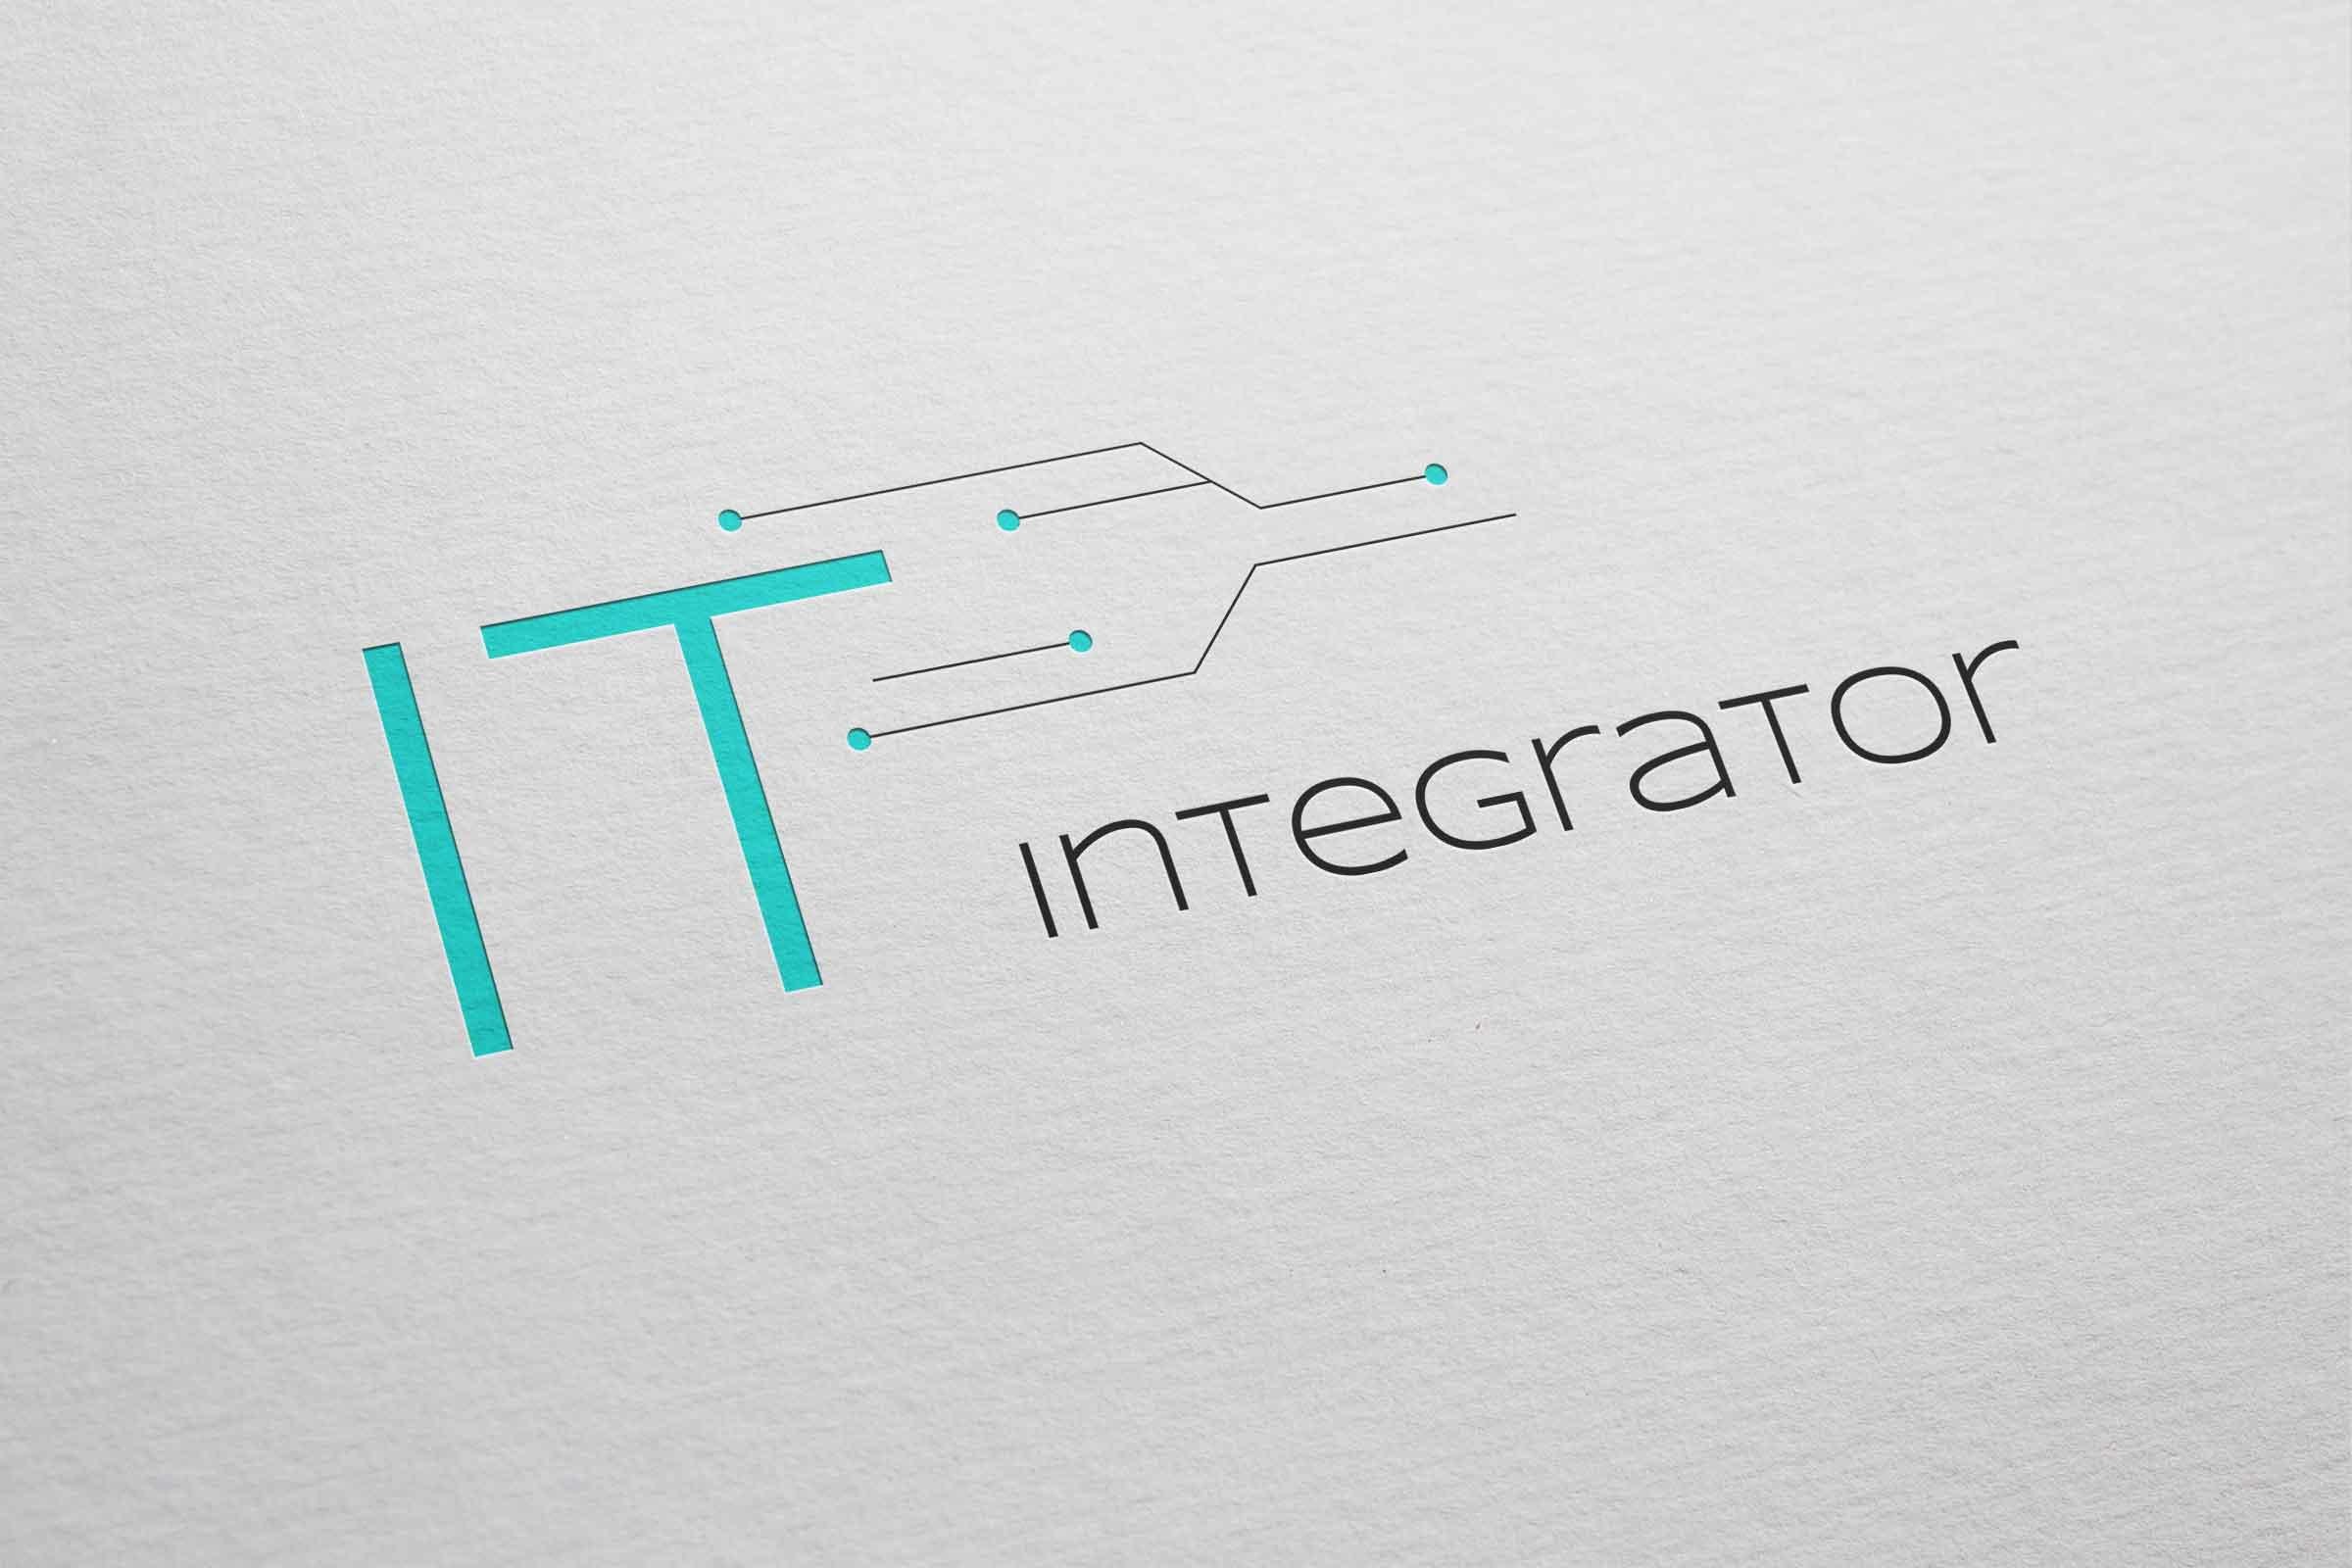 Логотип для IT интегратора фото f_836614c9646436d8.jpg